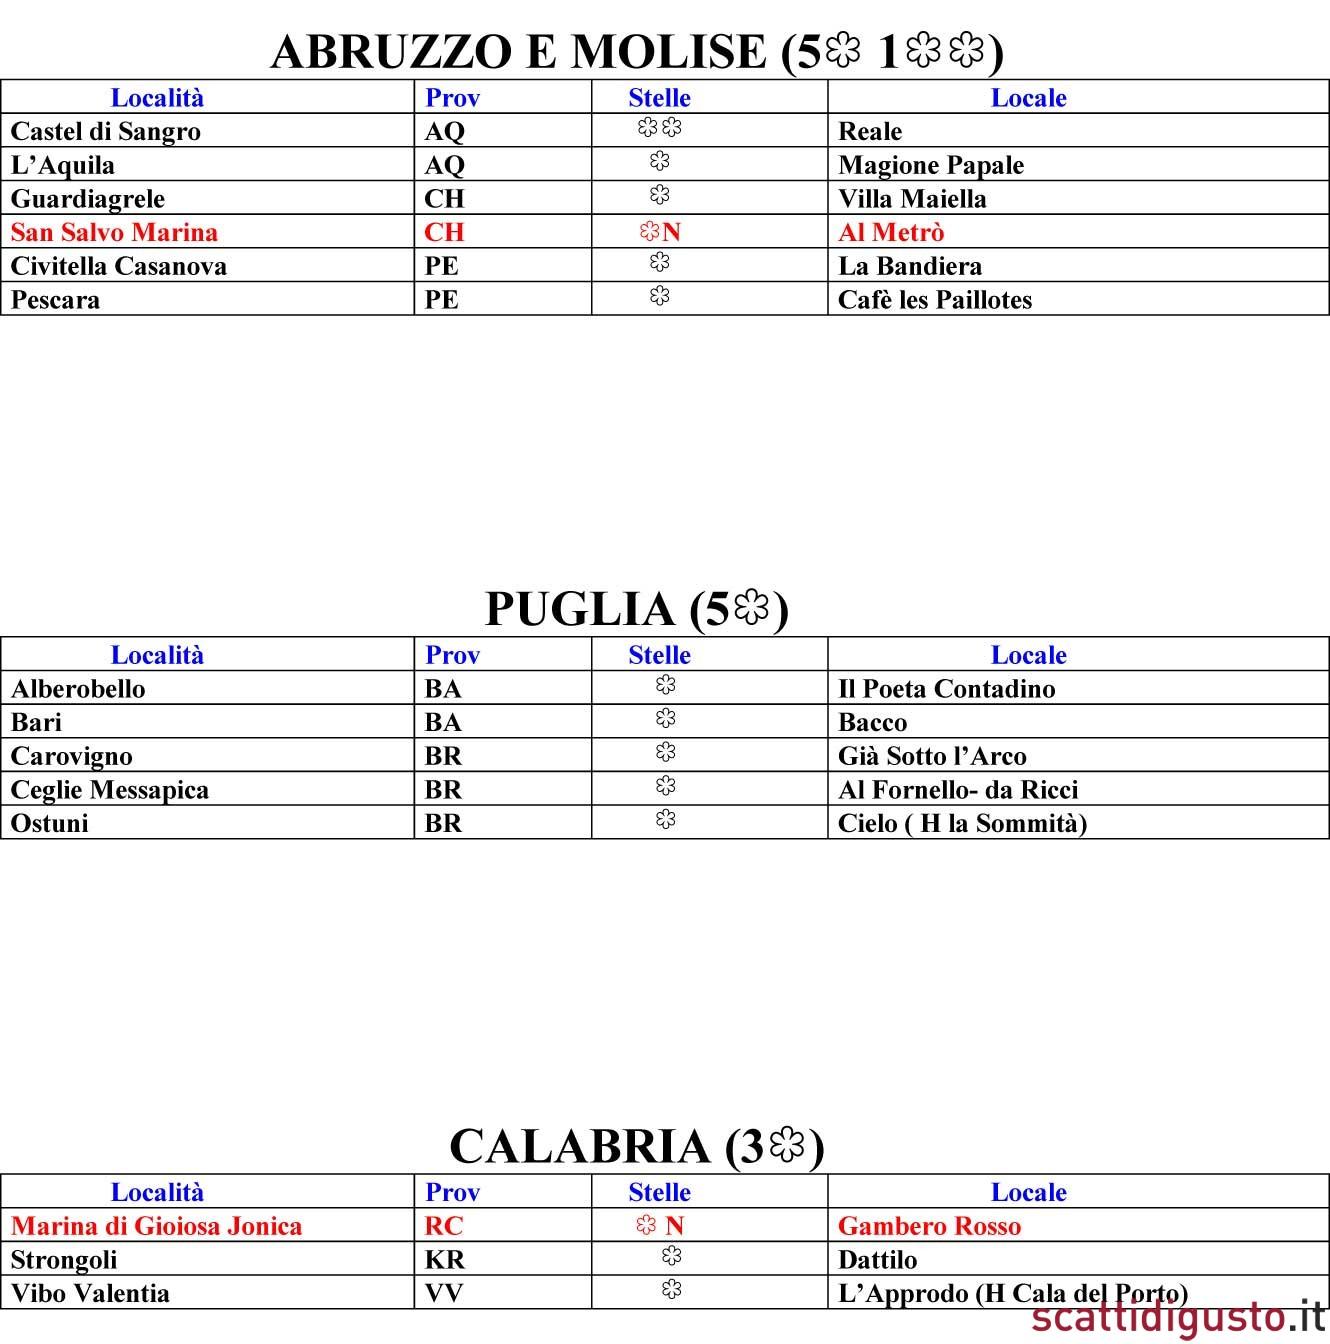 Guida michelin 2013 tutte le stelle dei ristoranti in italia for Guida michelin puglia